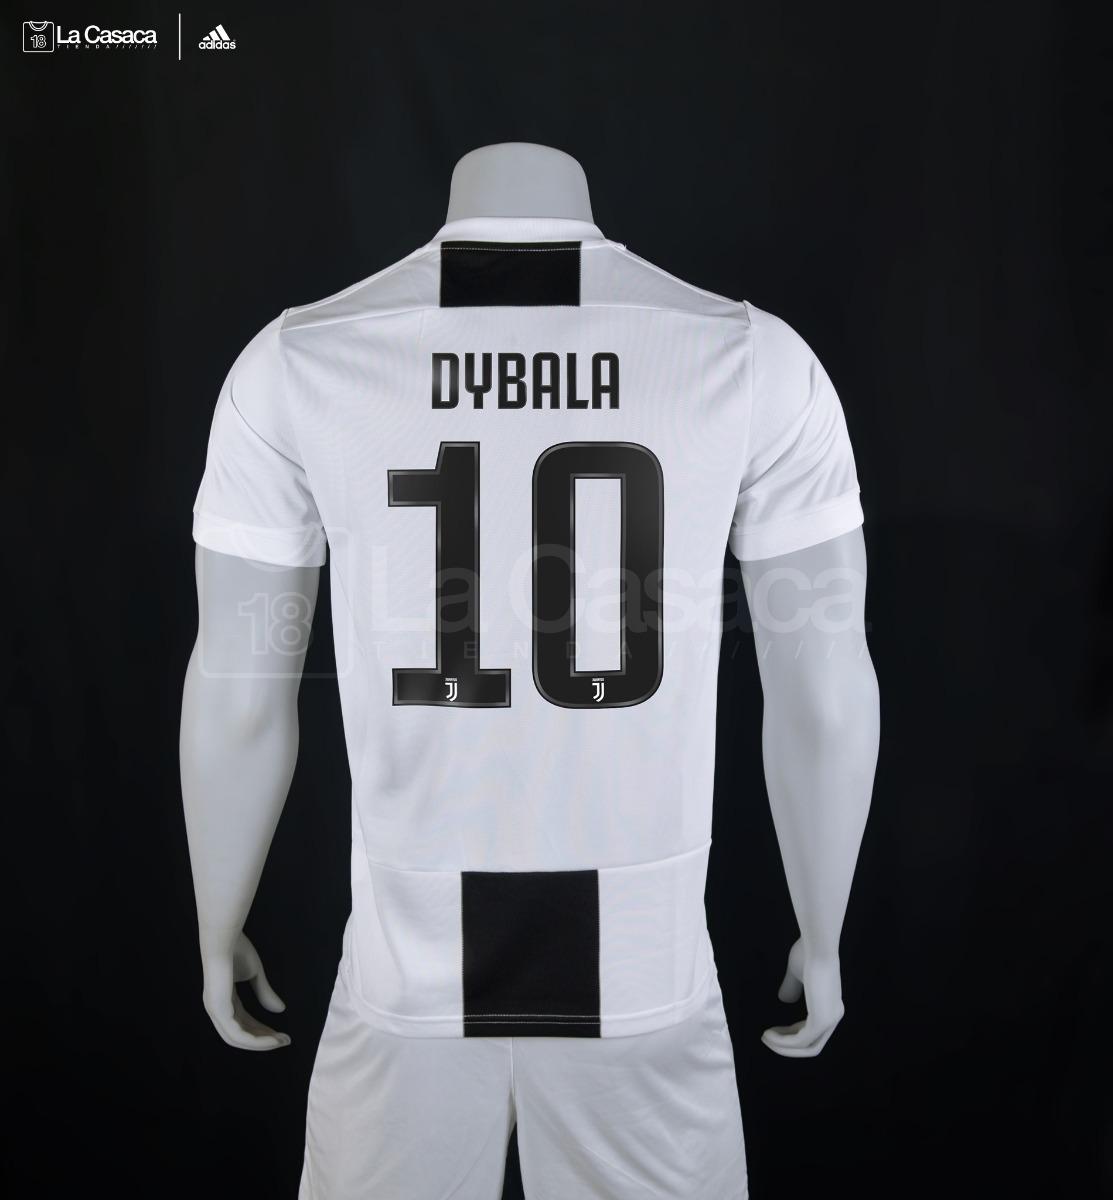 803f252fd05 Nueva Camiseta Juventus 18-19 Cristiano Ronaldo